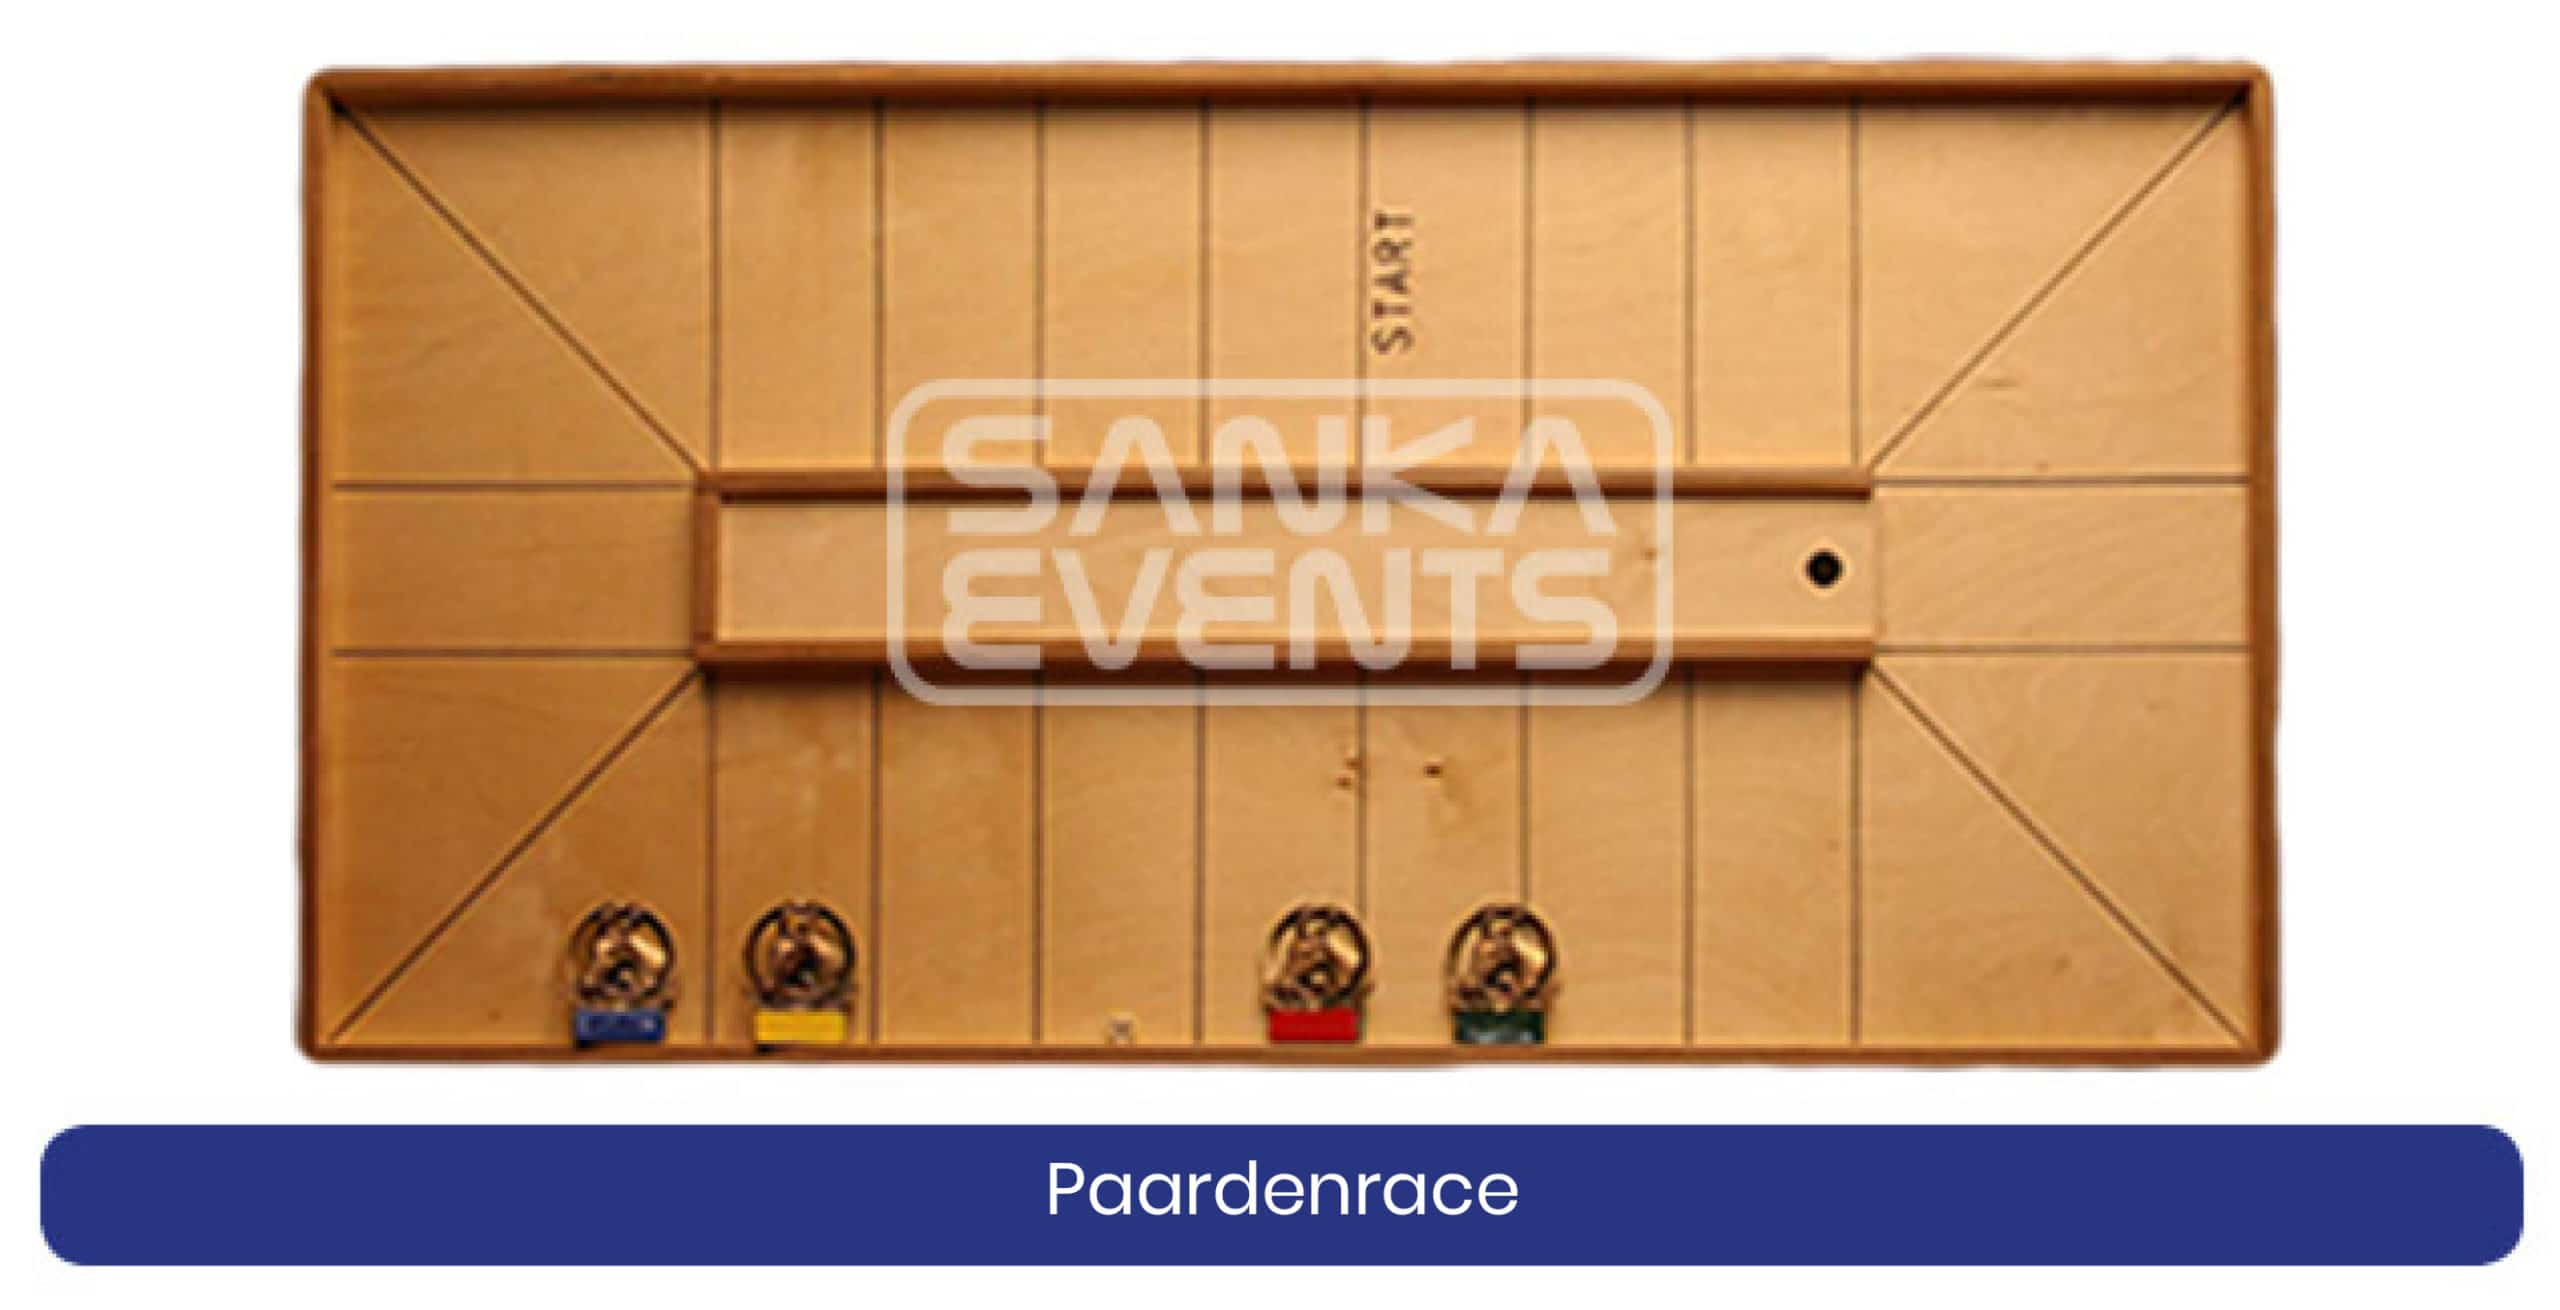 Coronaproof Spellenpakket Paardenrace